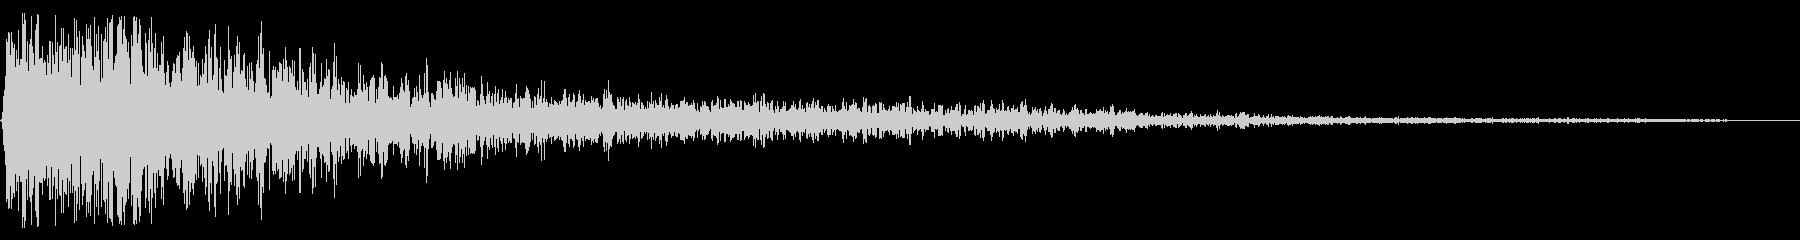 クラシックブラストエクスプロージョンの未再生の波形